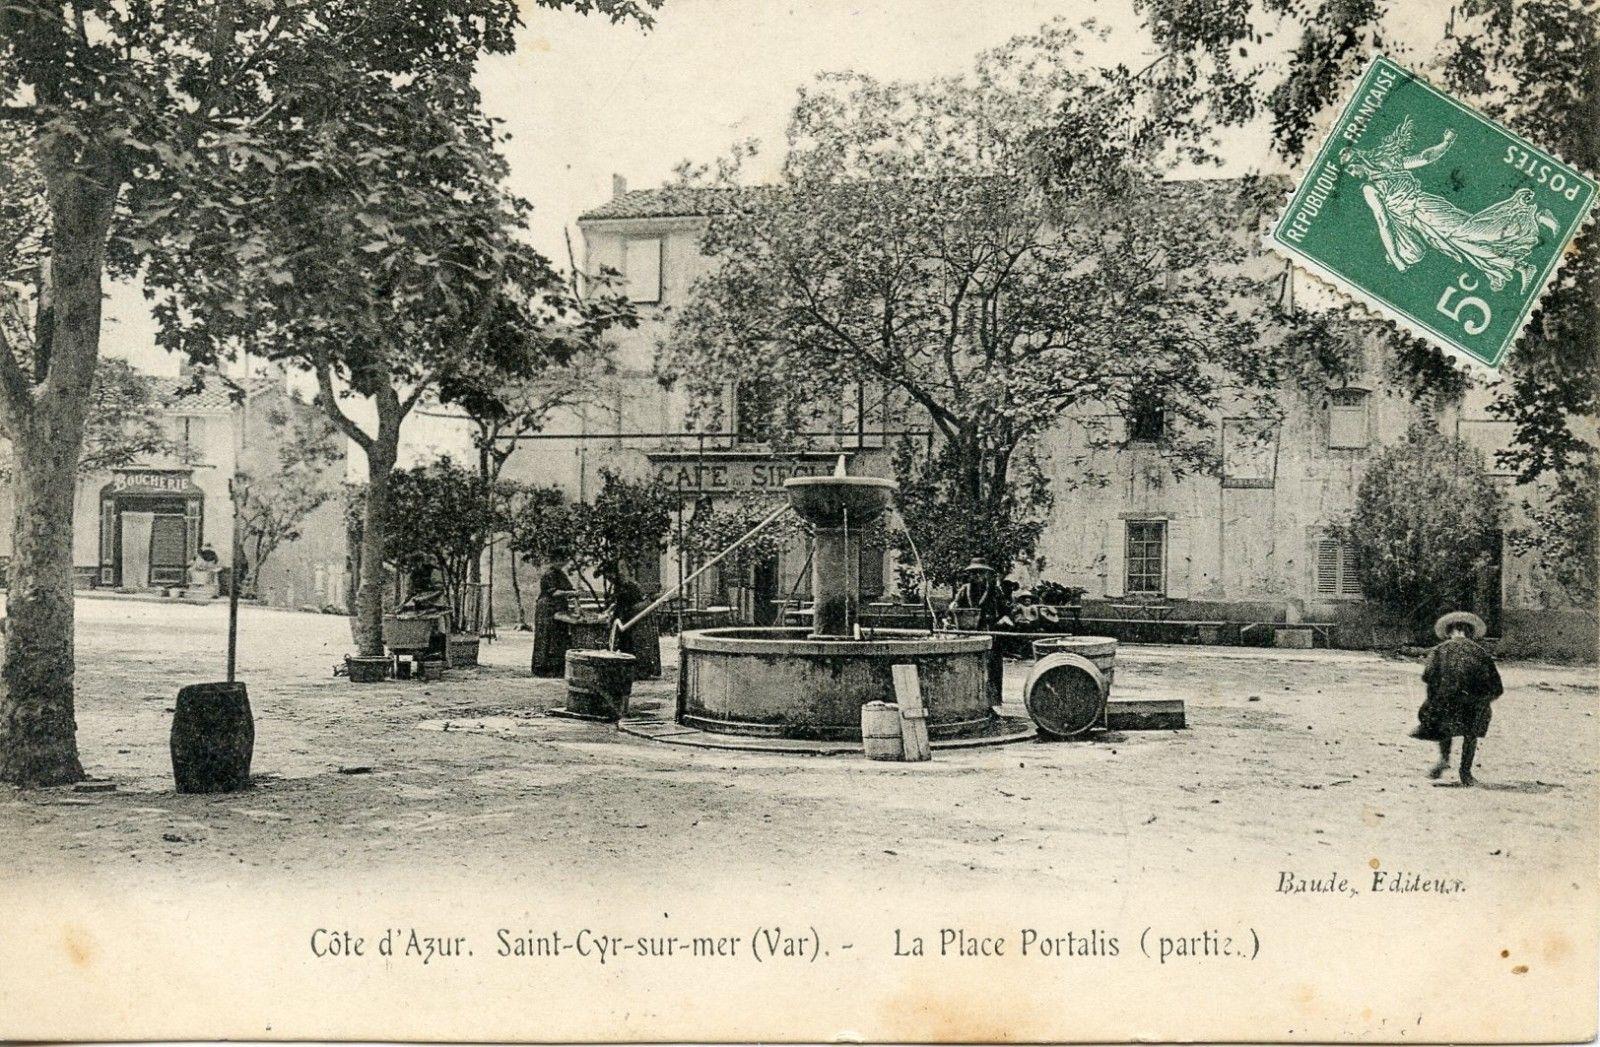 Carte Postale Le Var Saint Cyr Sur Mer La Place Portalis Postale Carte Postale Le Var